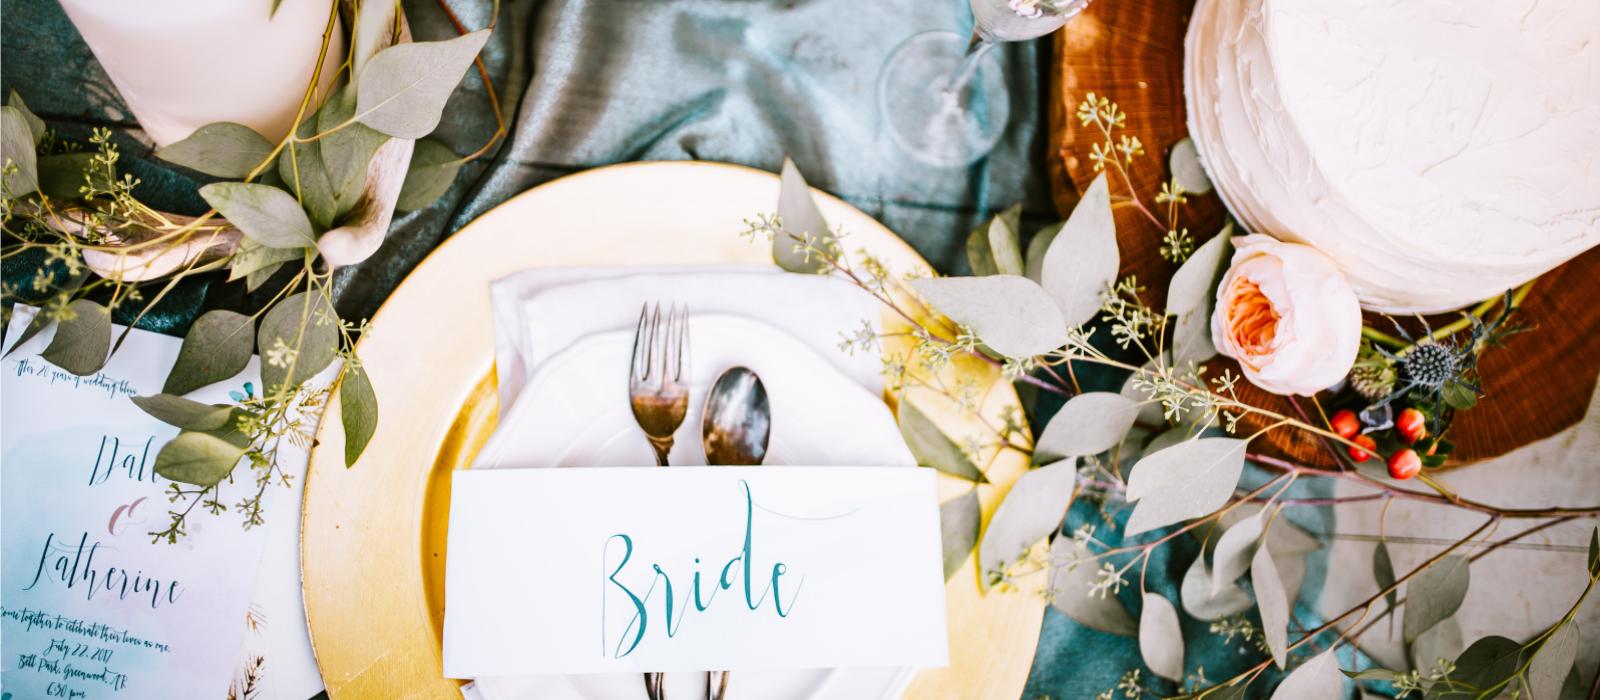 10 POMYSŁÓW NA KREATYWNE WINIETKI ŚLUBNE _zaproszenia slubne _ v2_ design your wedding